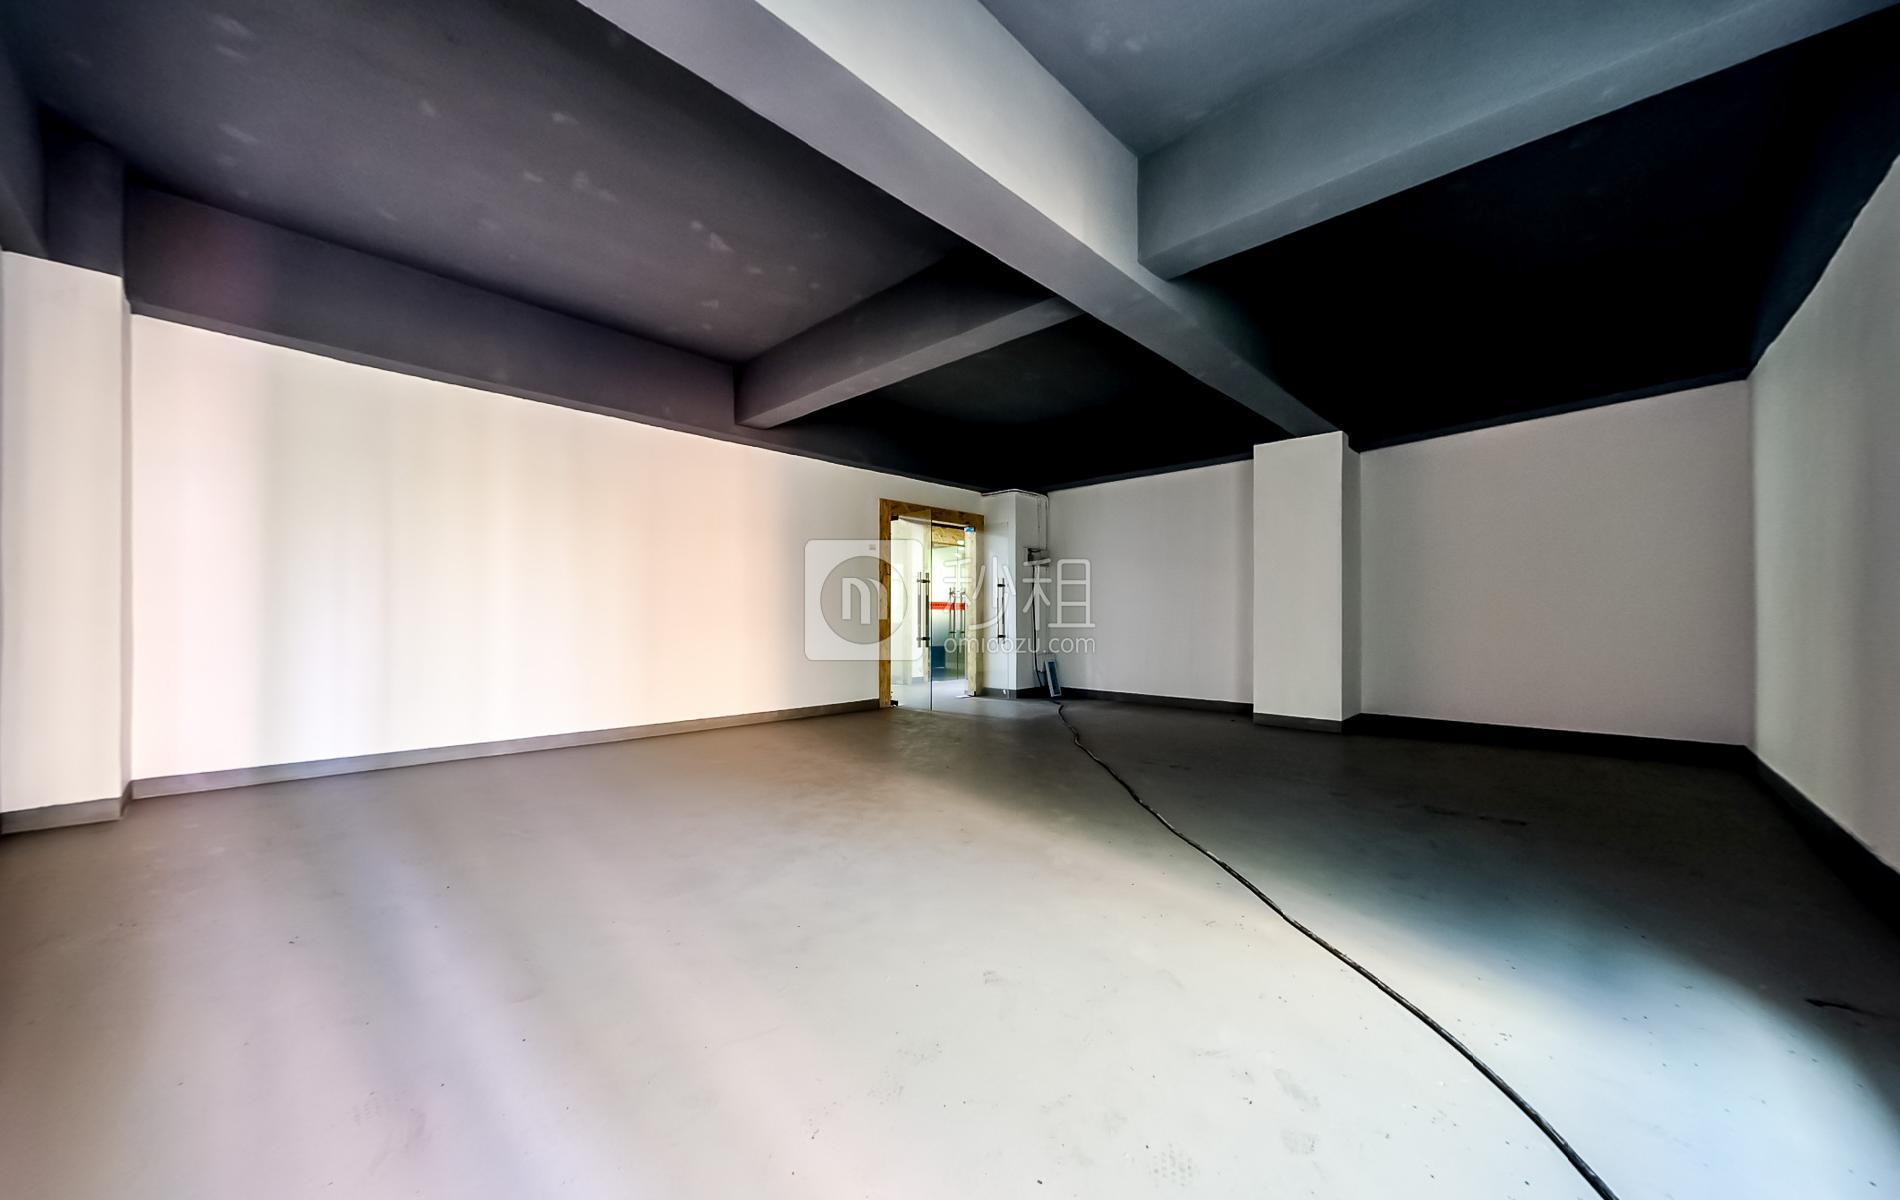 龙岗-坂田 和云谷大厦 140m²